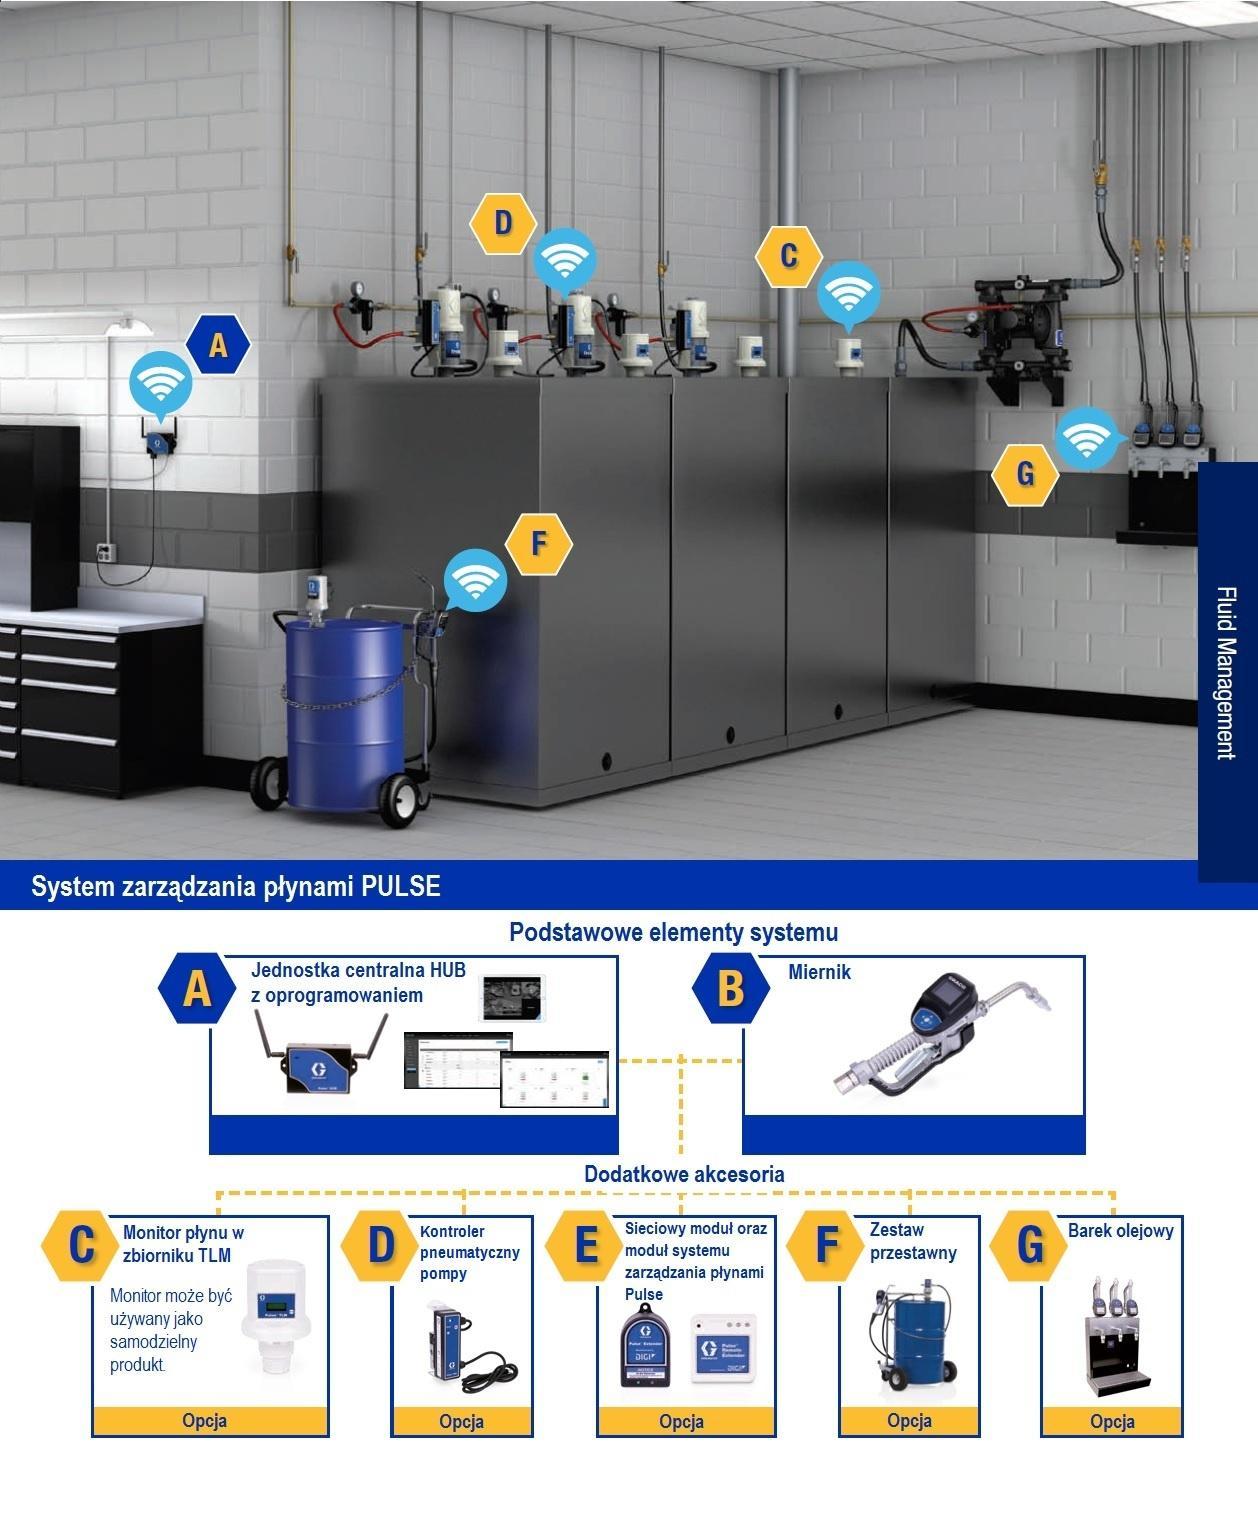 System zarządzania płynami PULSE budowa - System gospodarki płynami